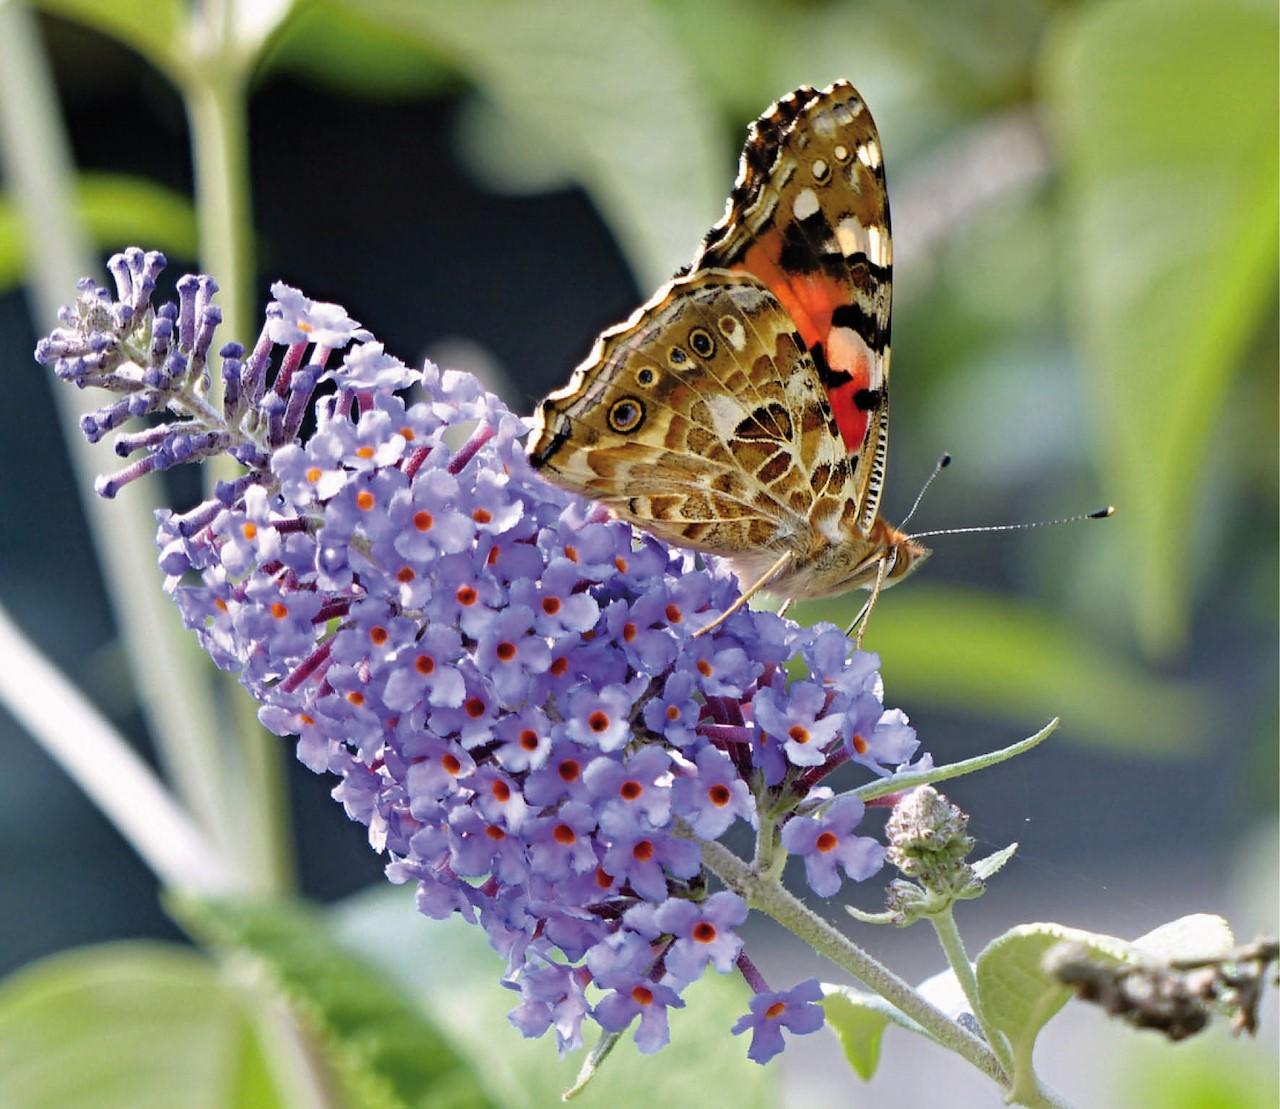 Meer vlinders? Plant een vlinderstruik.